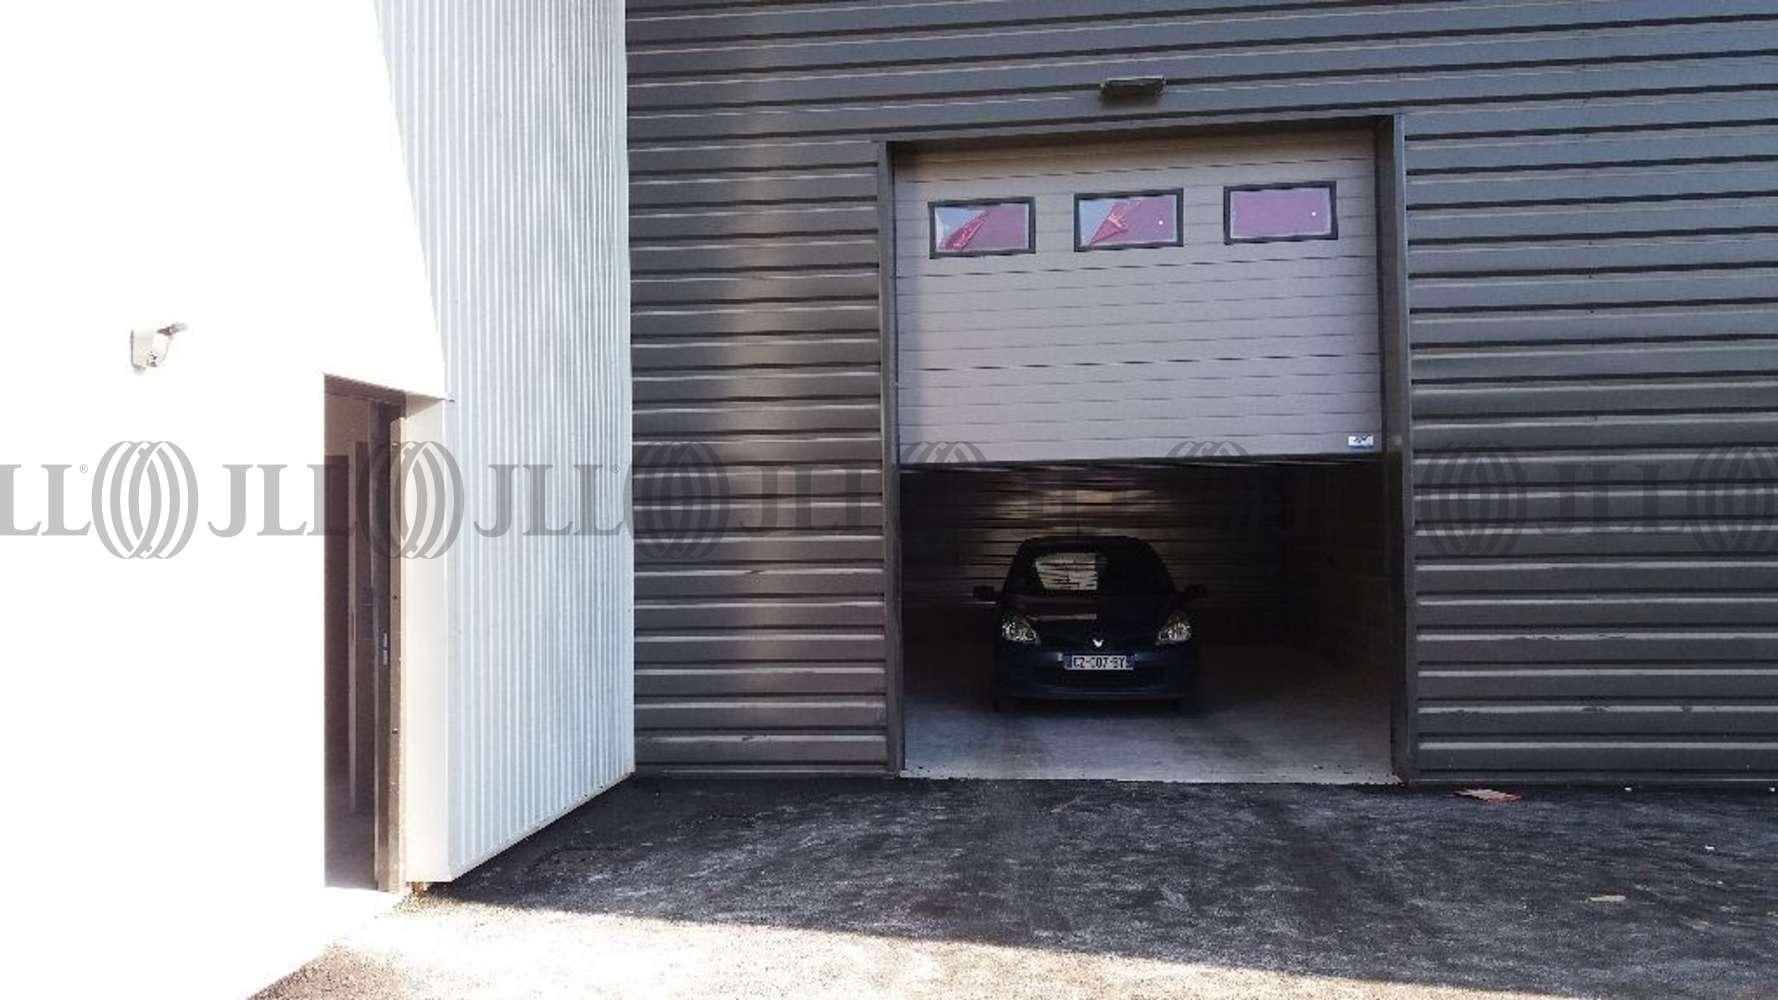 Activités/entrepôt Montluel, 01120 - Cap&Co Montluel - Parc d'activité Ain - 9629162